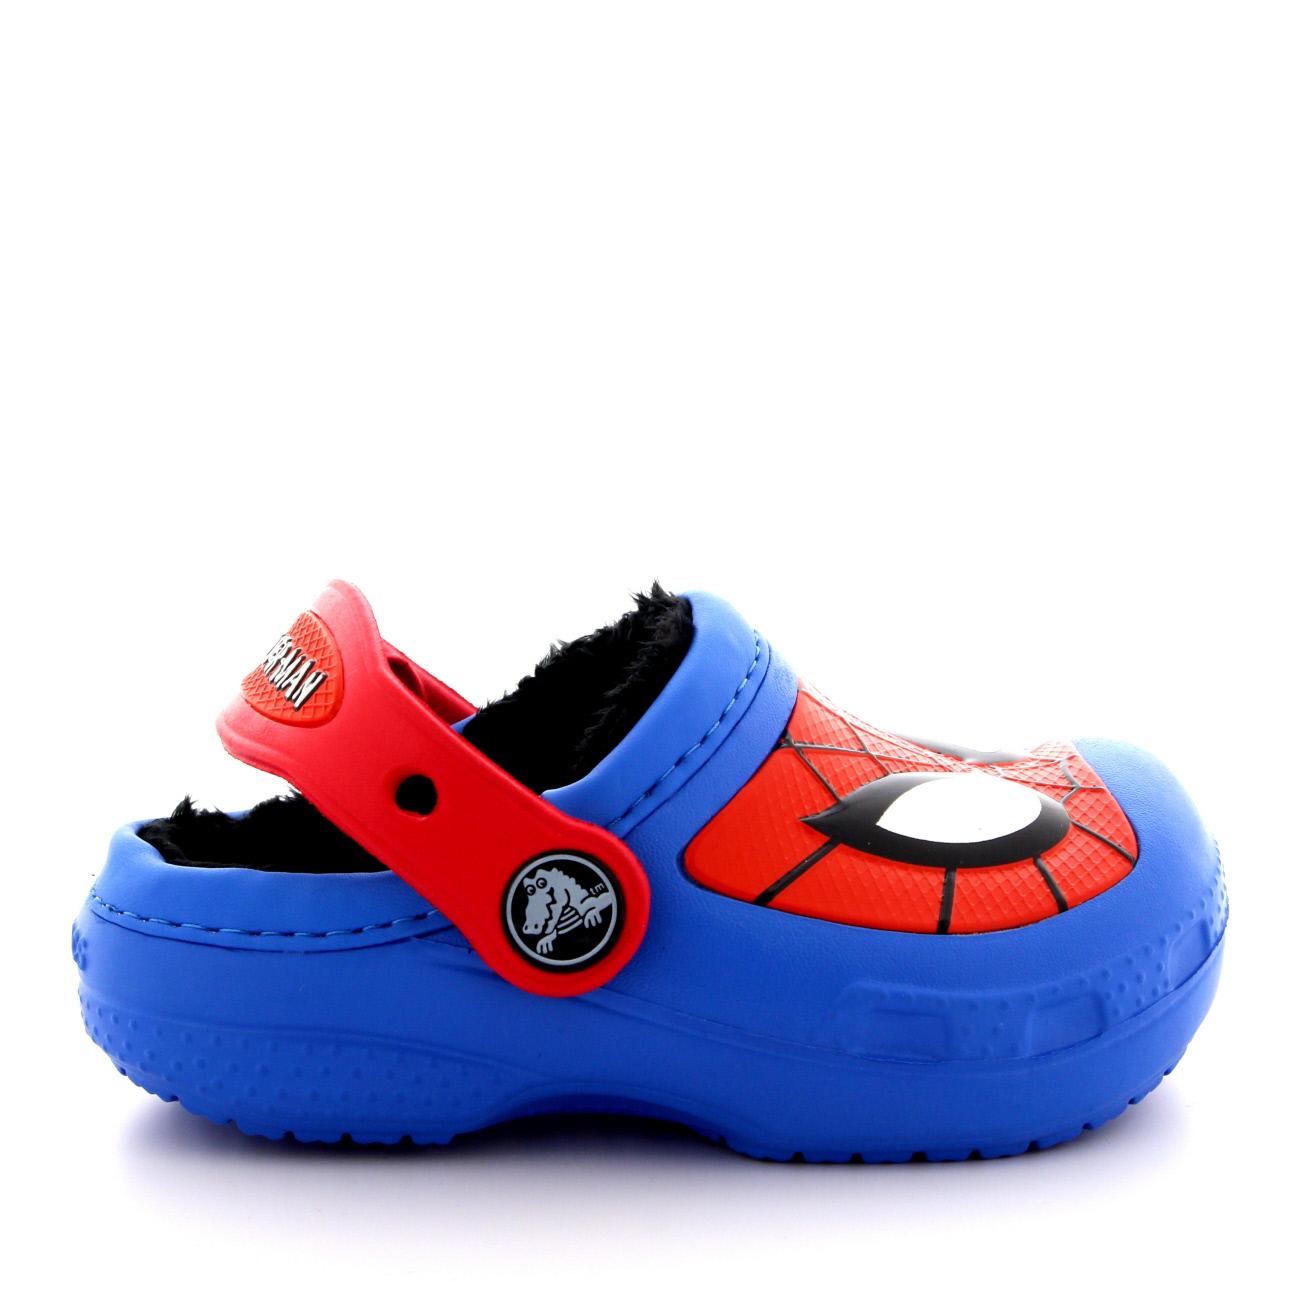 Kids Croc Style Shoes